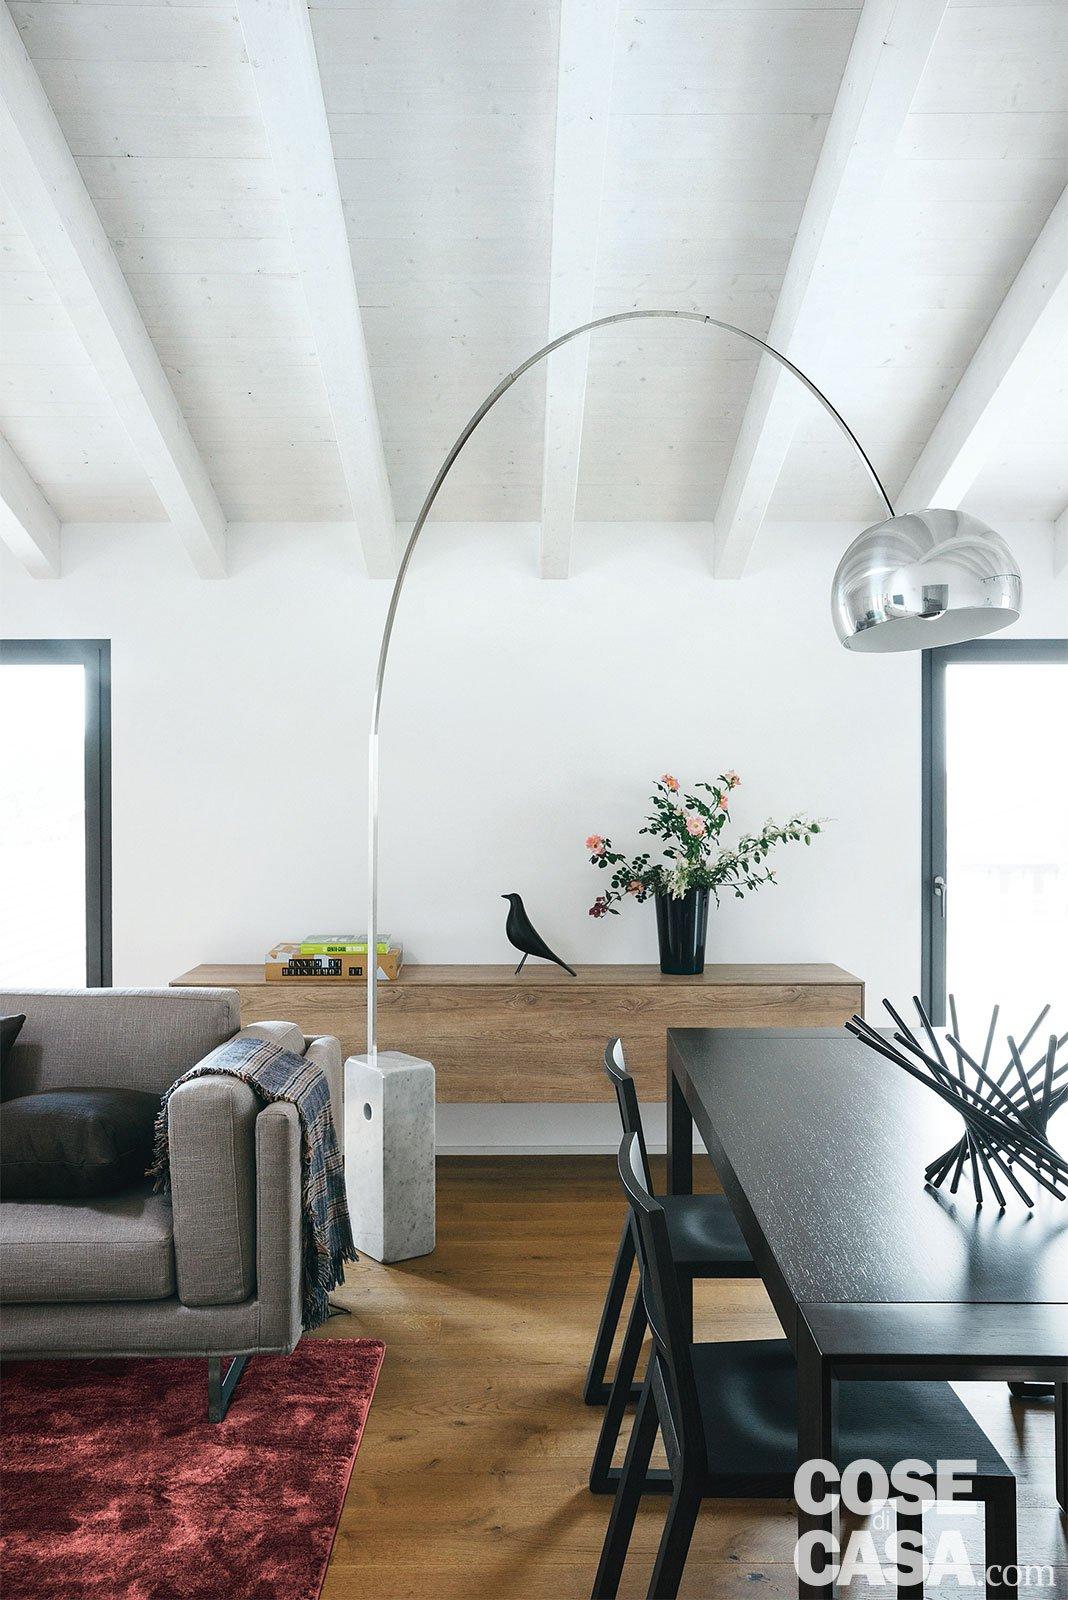 98 mq spazio moltiplicato dalla luce nel sottotetto della for Costo arredare casa